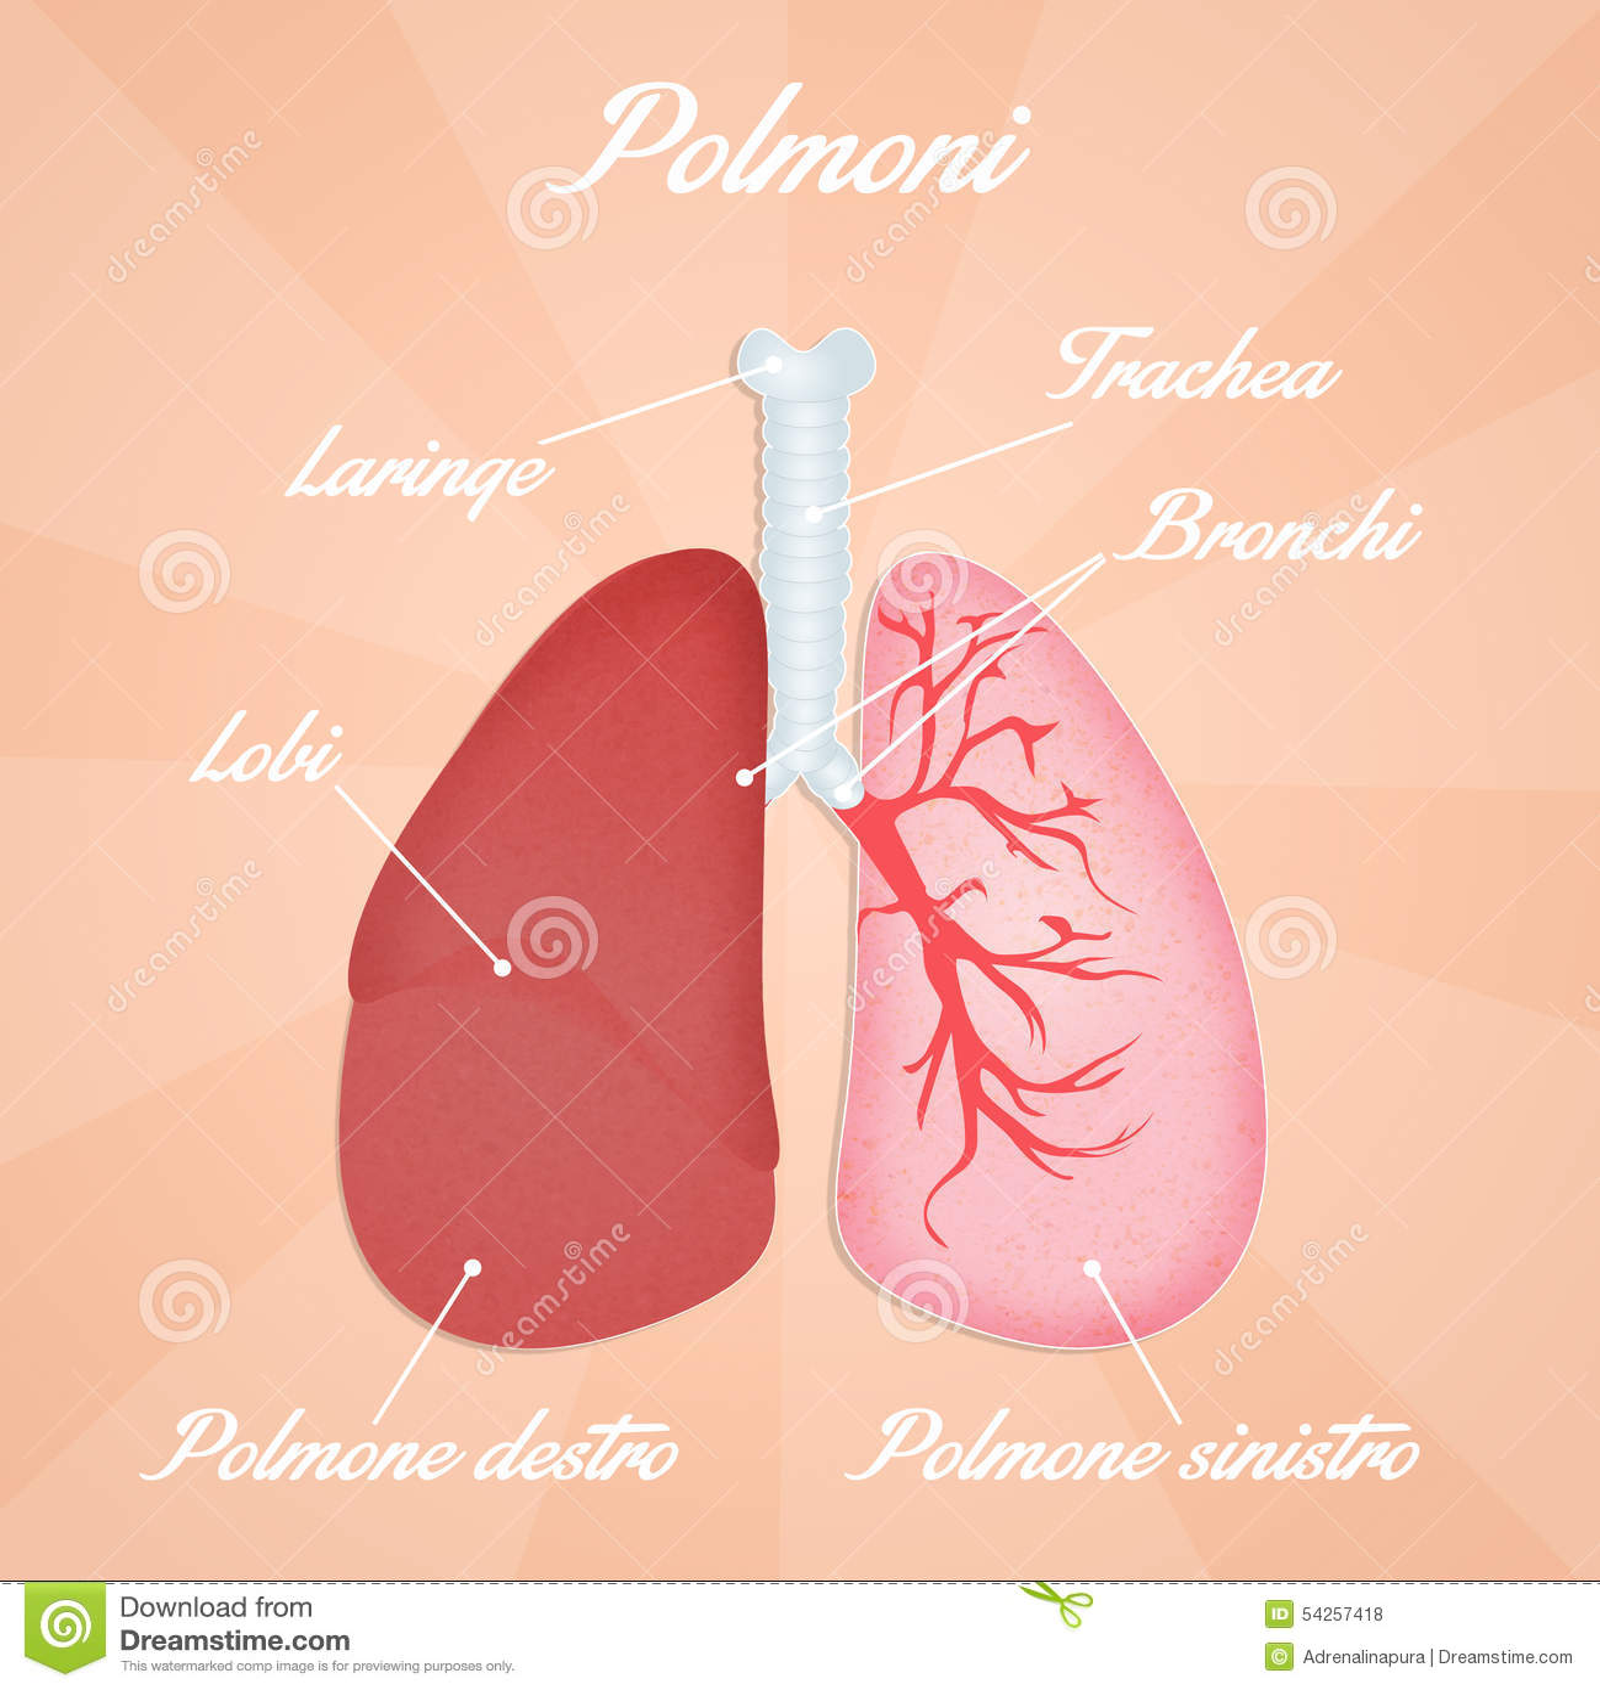 Magnífico Diagrama De Pulmones Humanos Galería - Imágenes de ...